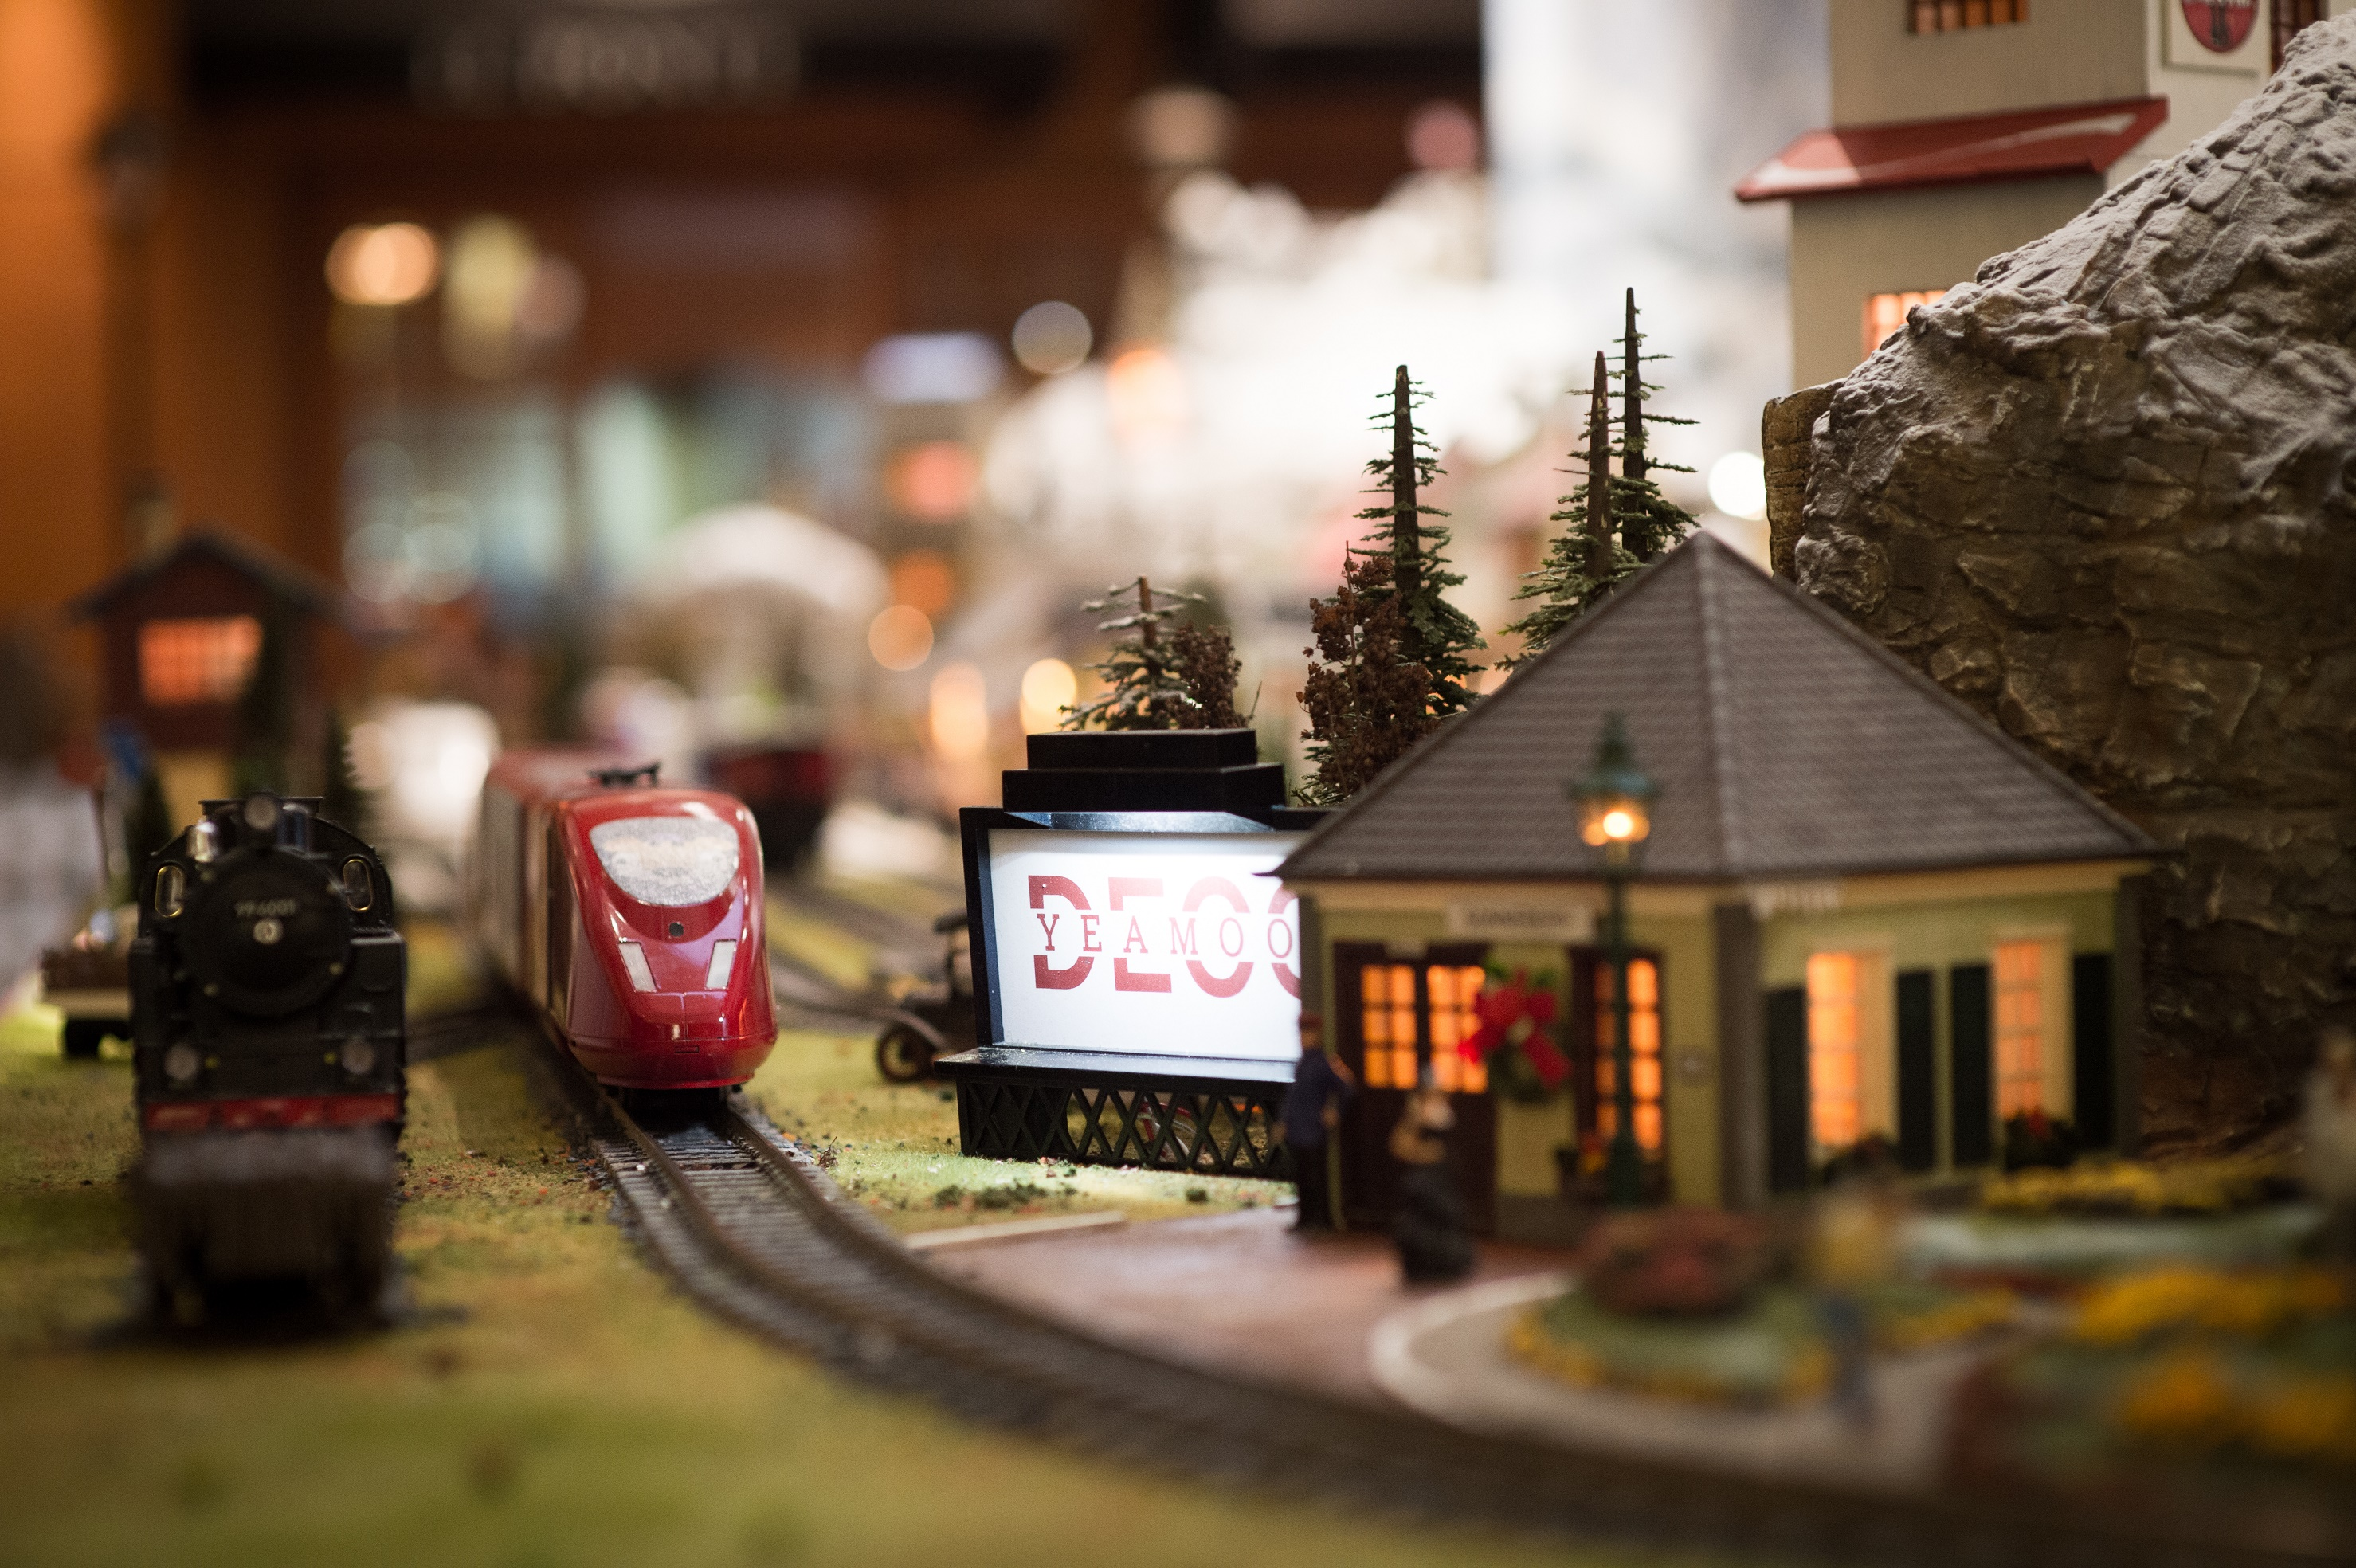 밀레니엄 서울힐튼 크리스마스 열차 2